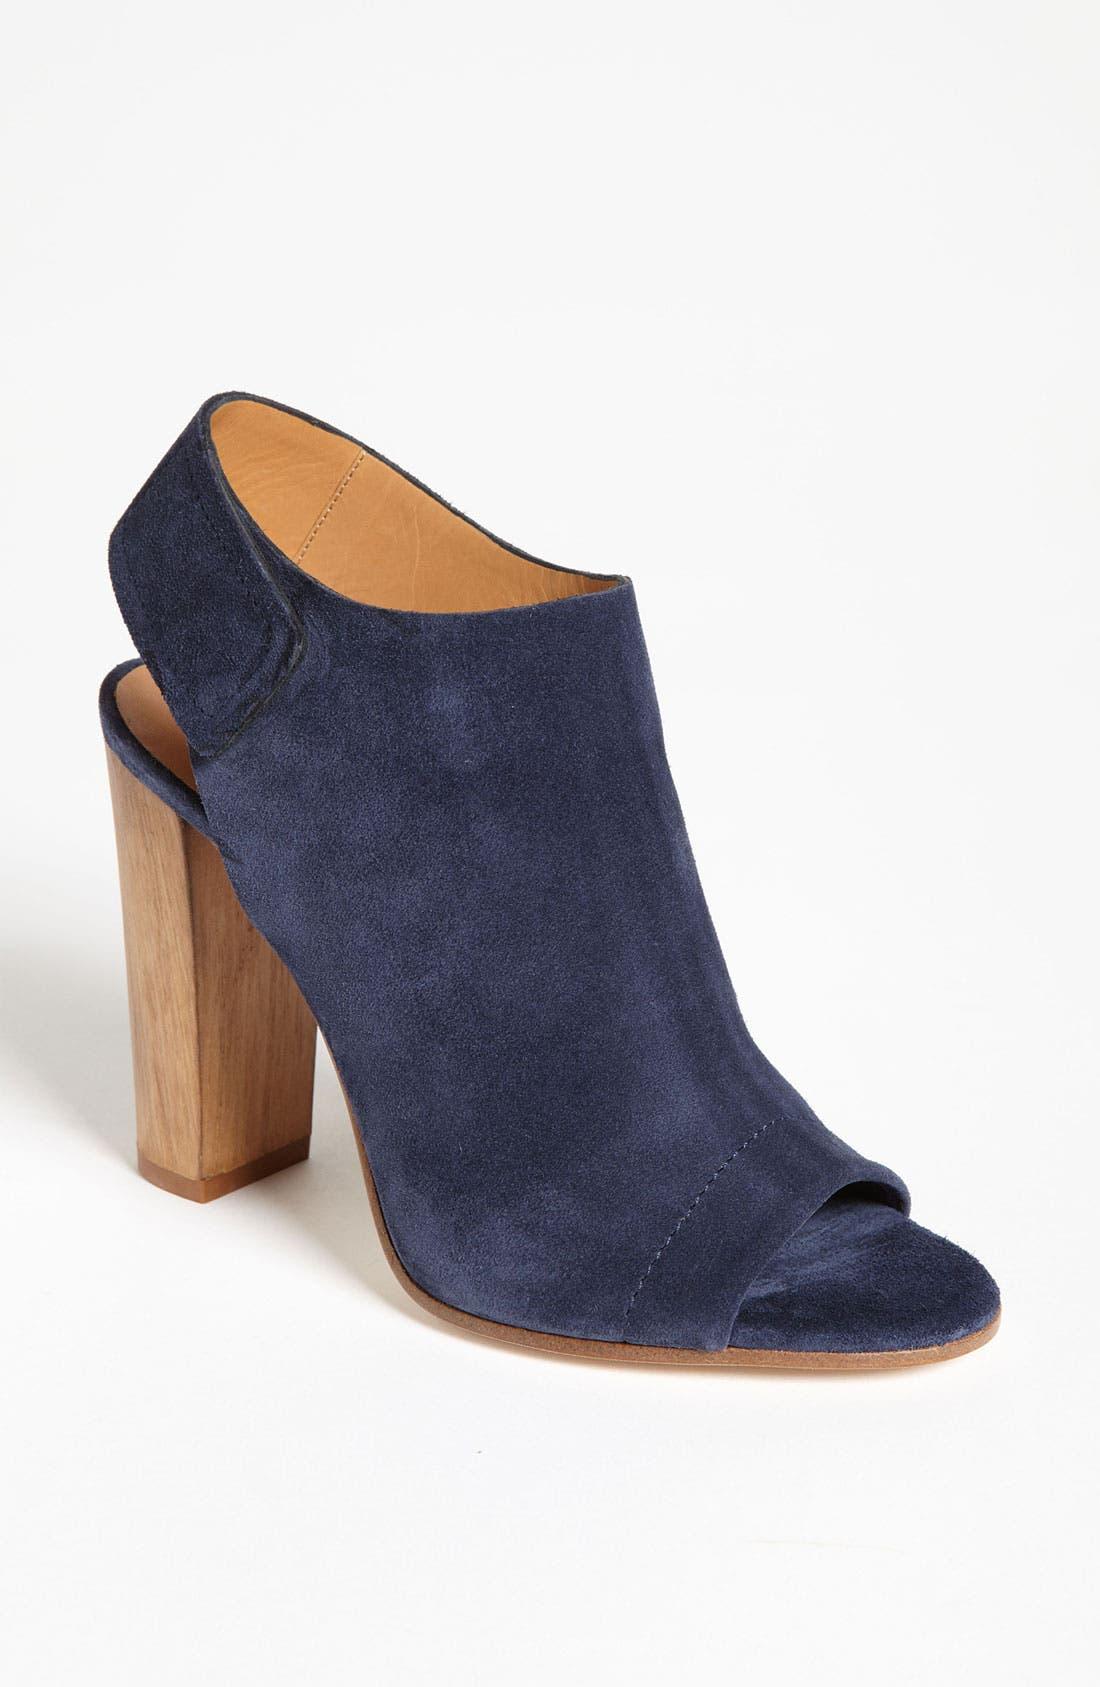 Alternate Image 1 Selected - Vince 'Astrid' Sandal (Online Only)